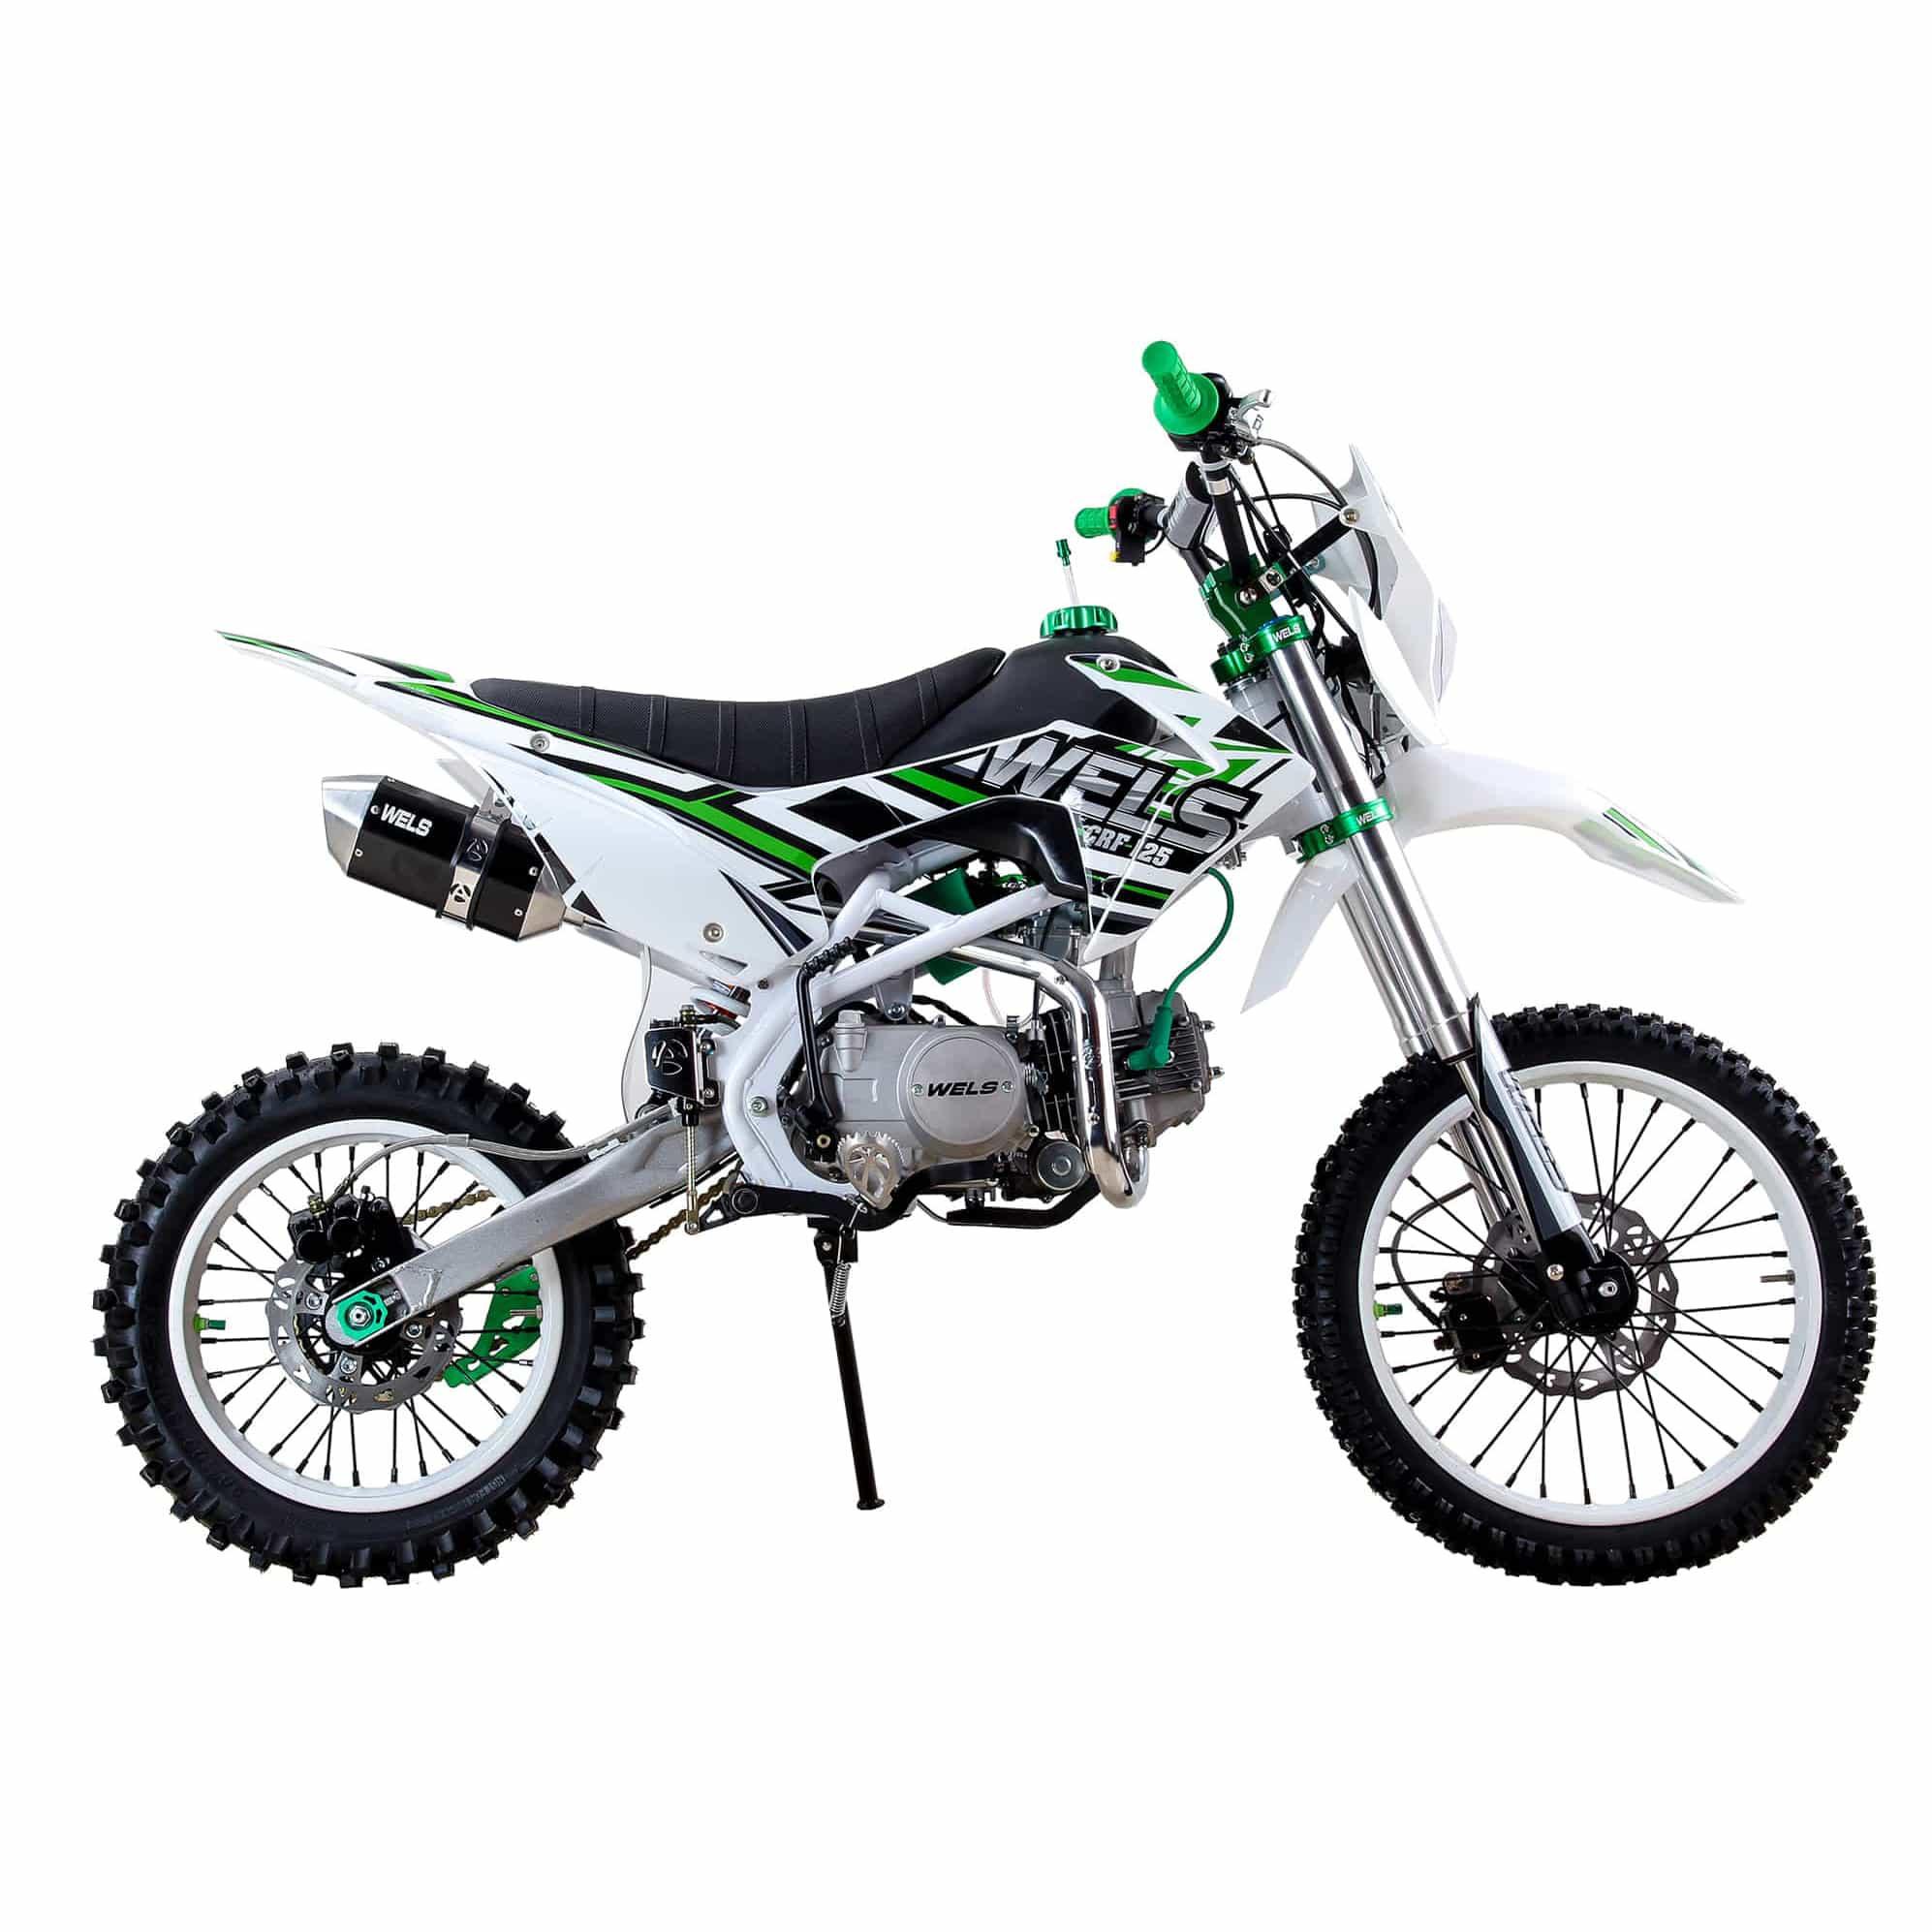 Питбайк WELS CRF 125 Зеленый